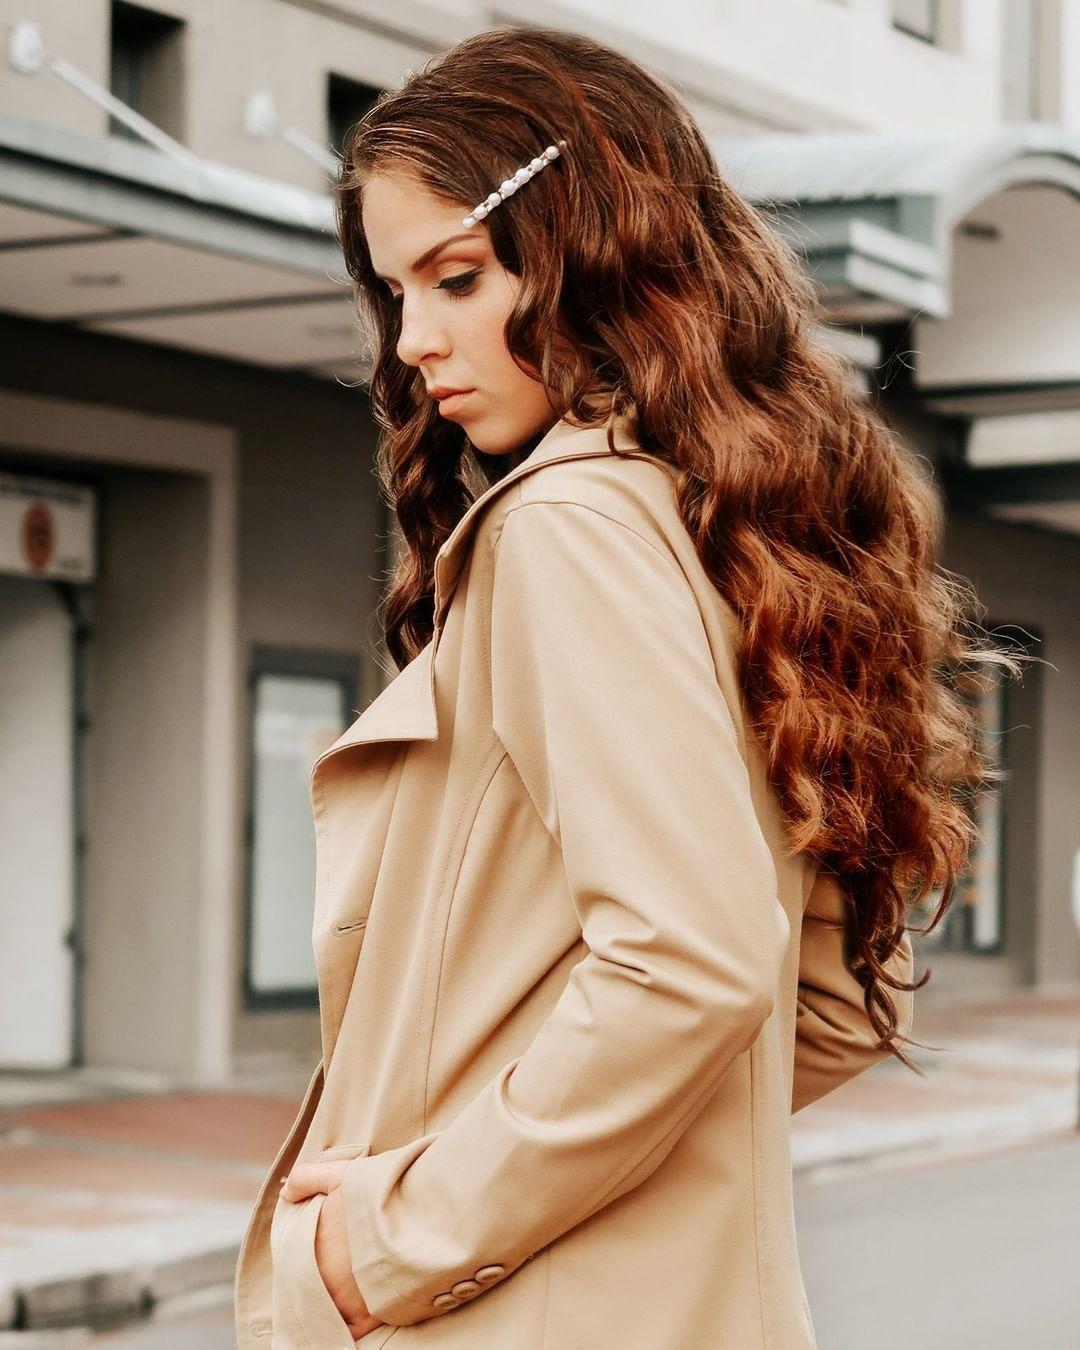 Femme aux longs cheveux châtain bouclés